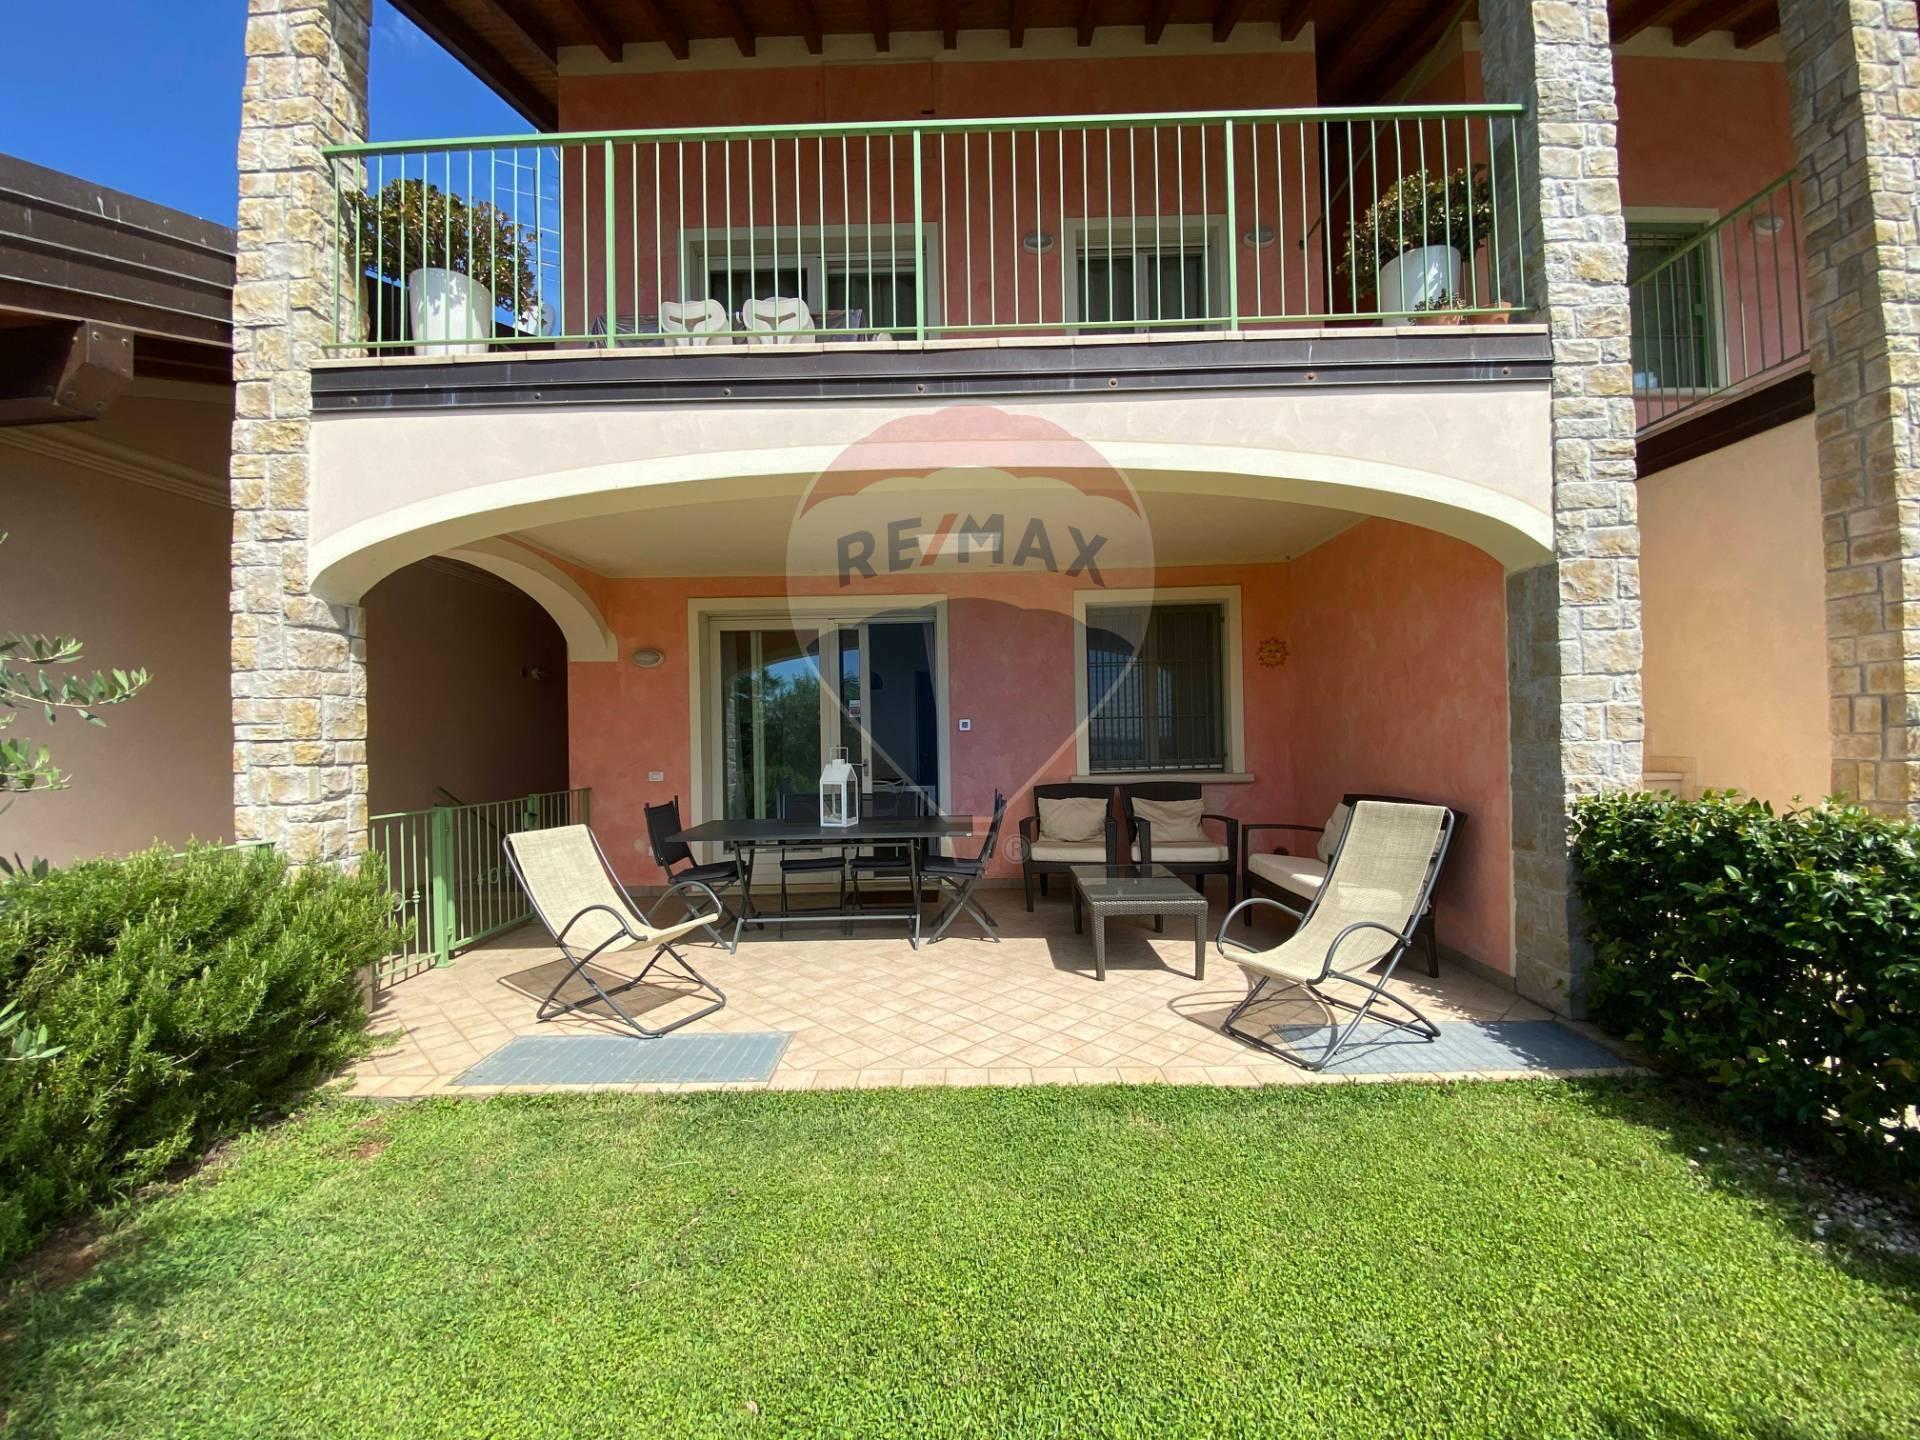 Appartamento in vendita a Manerba del Garda, 3 locali, prezzo € 300.000 | CambioCasa.it